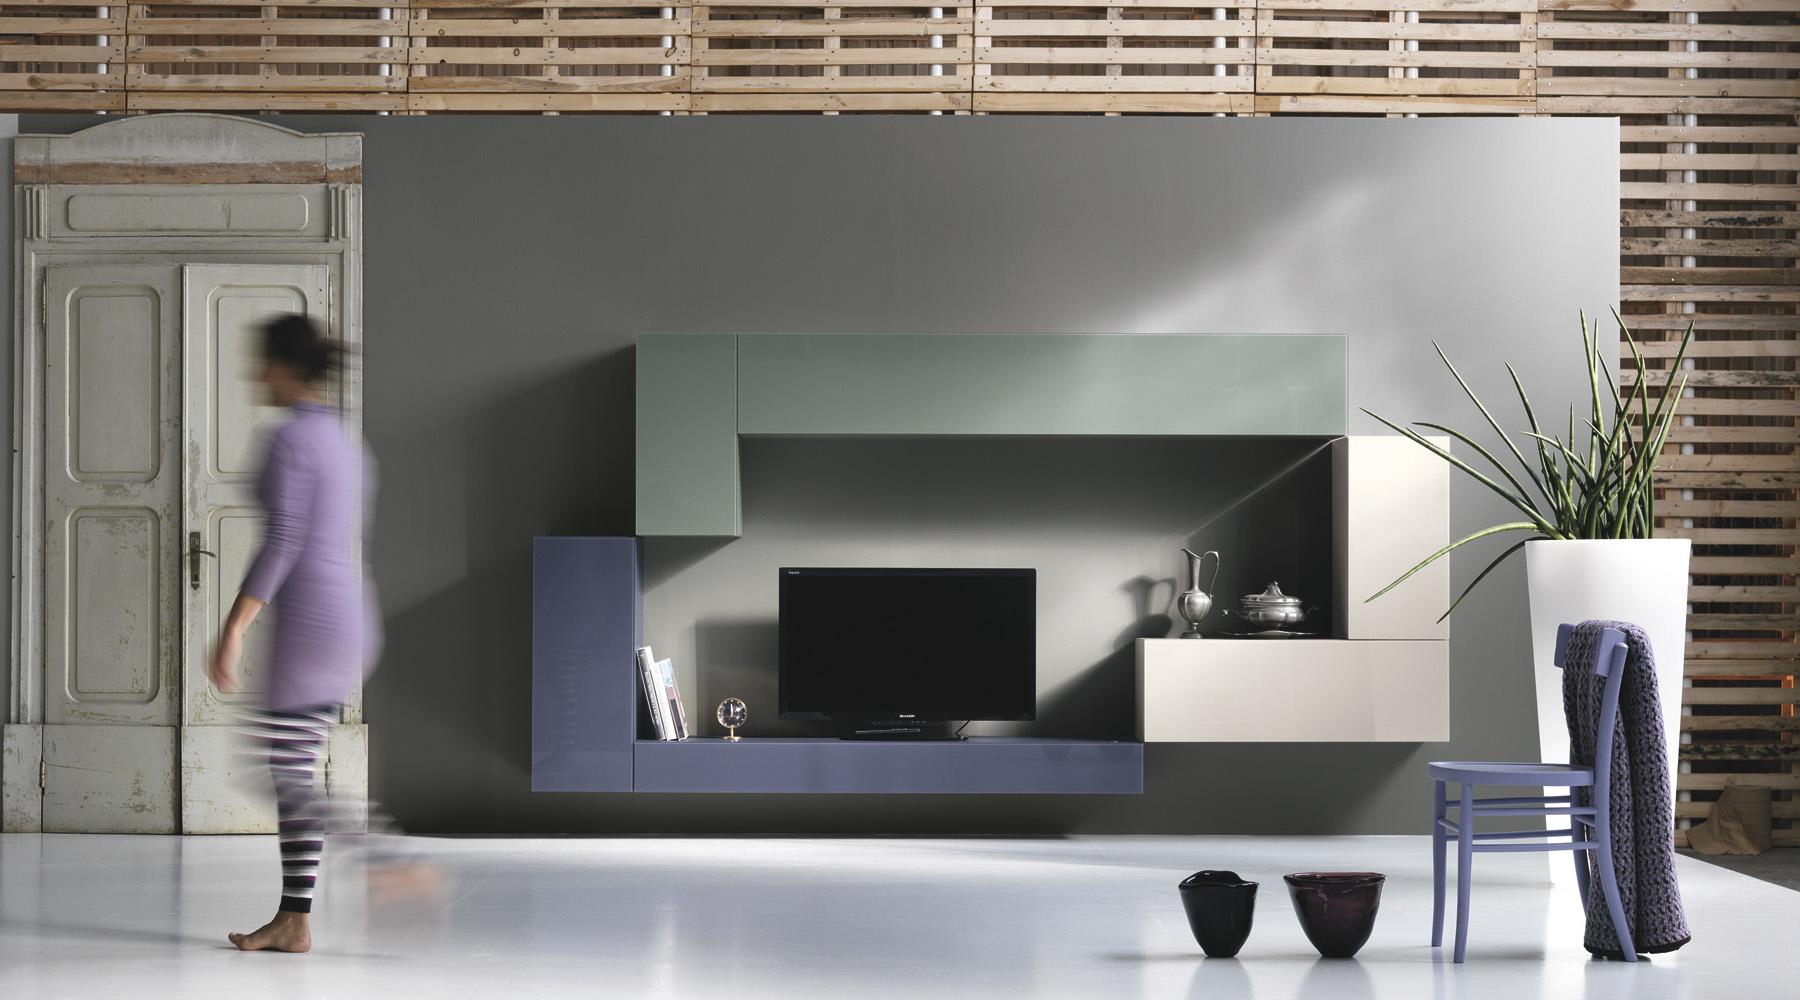 Soggiorni Di Design. Interesting Soggiorni Di Design With Soggiorni ...